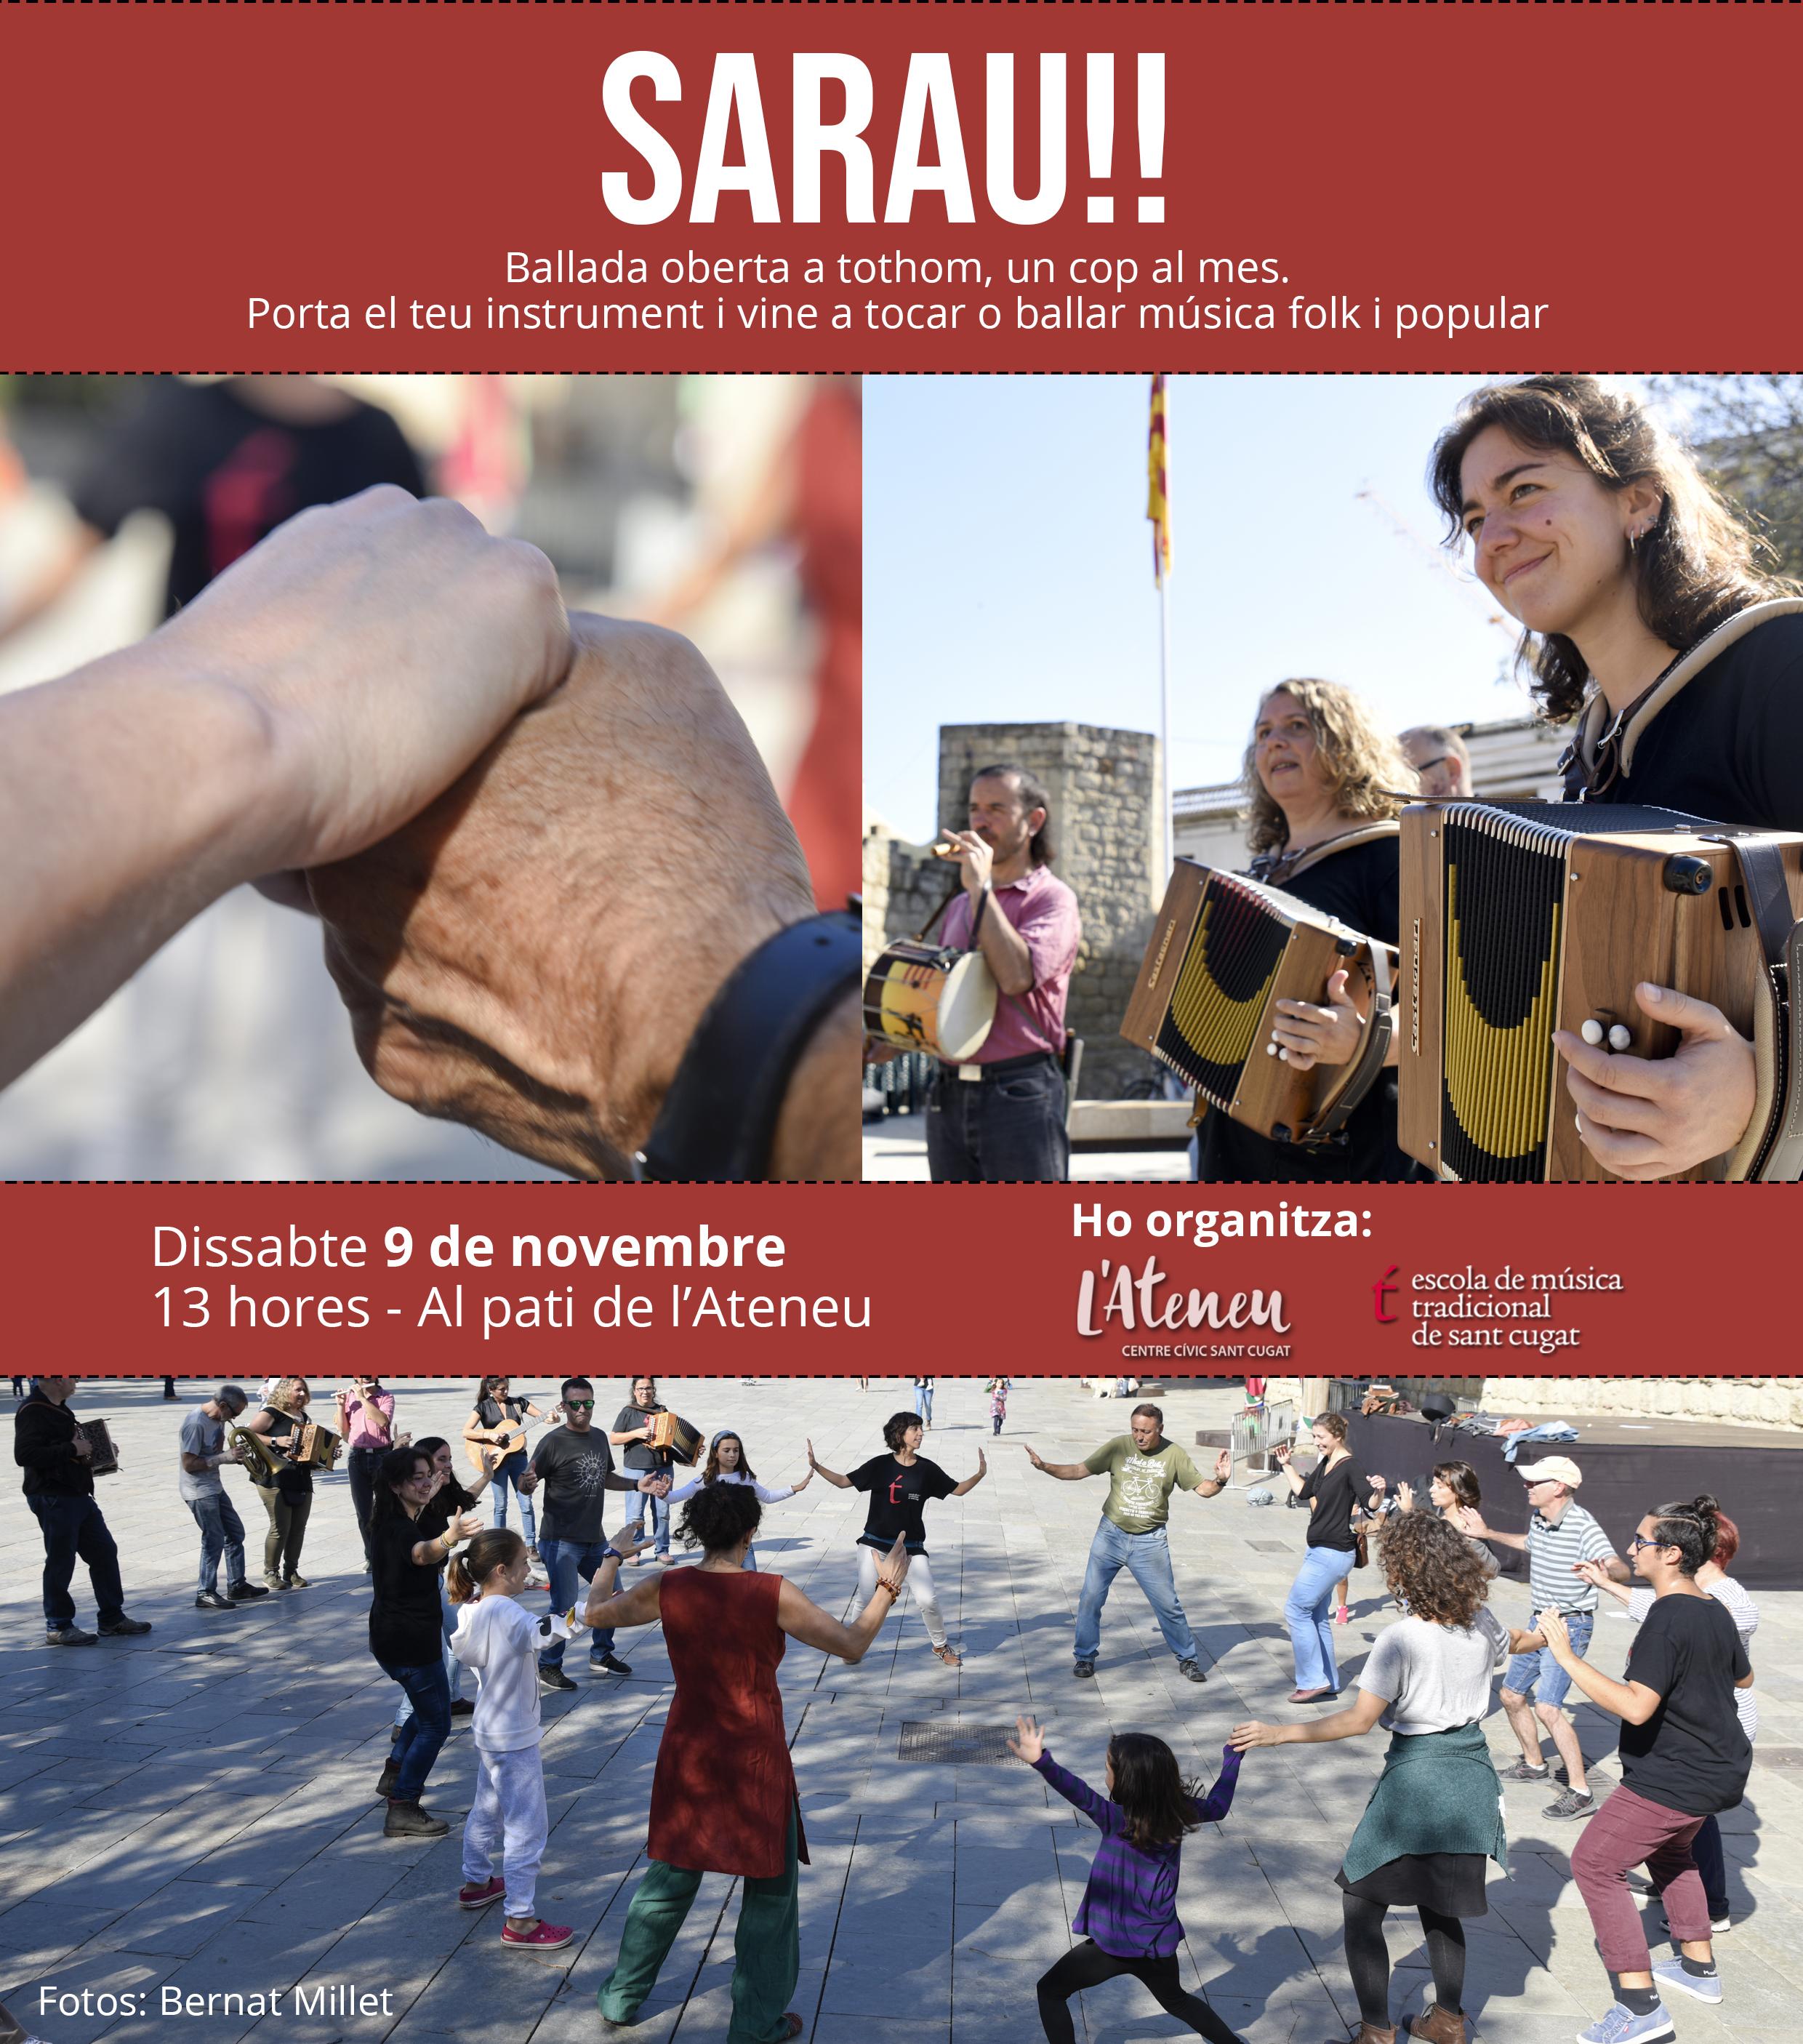 191109-Sarau